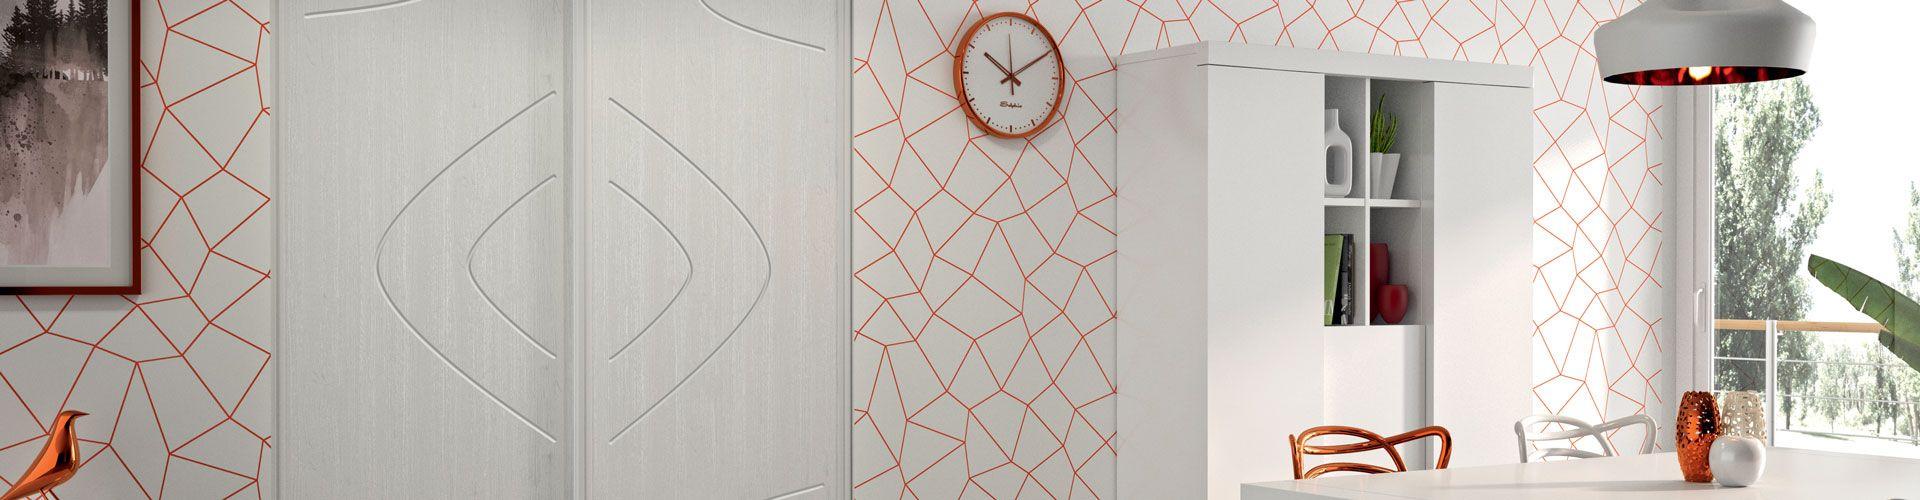 ib rique kazed. Black Bedroom Furniture Sets. Home Design Ideas